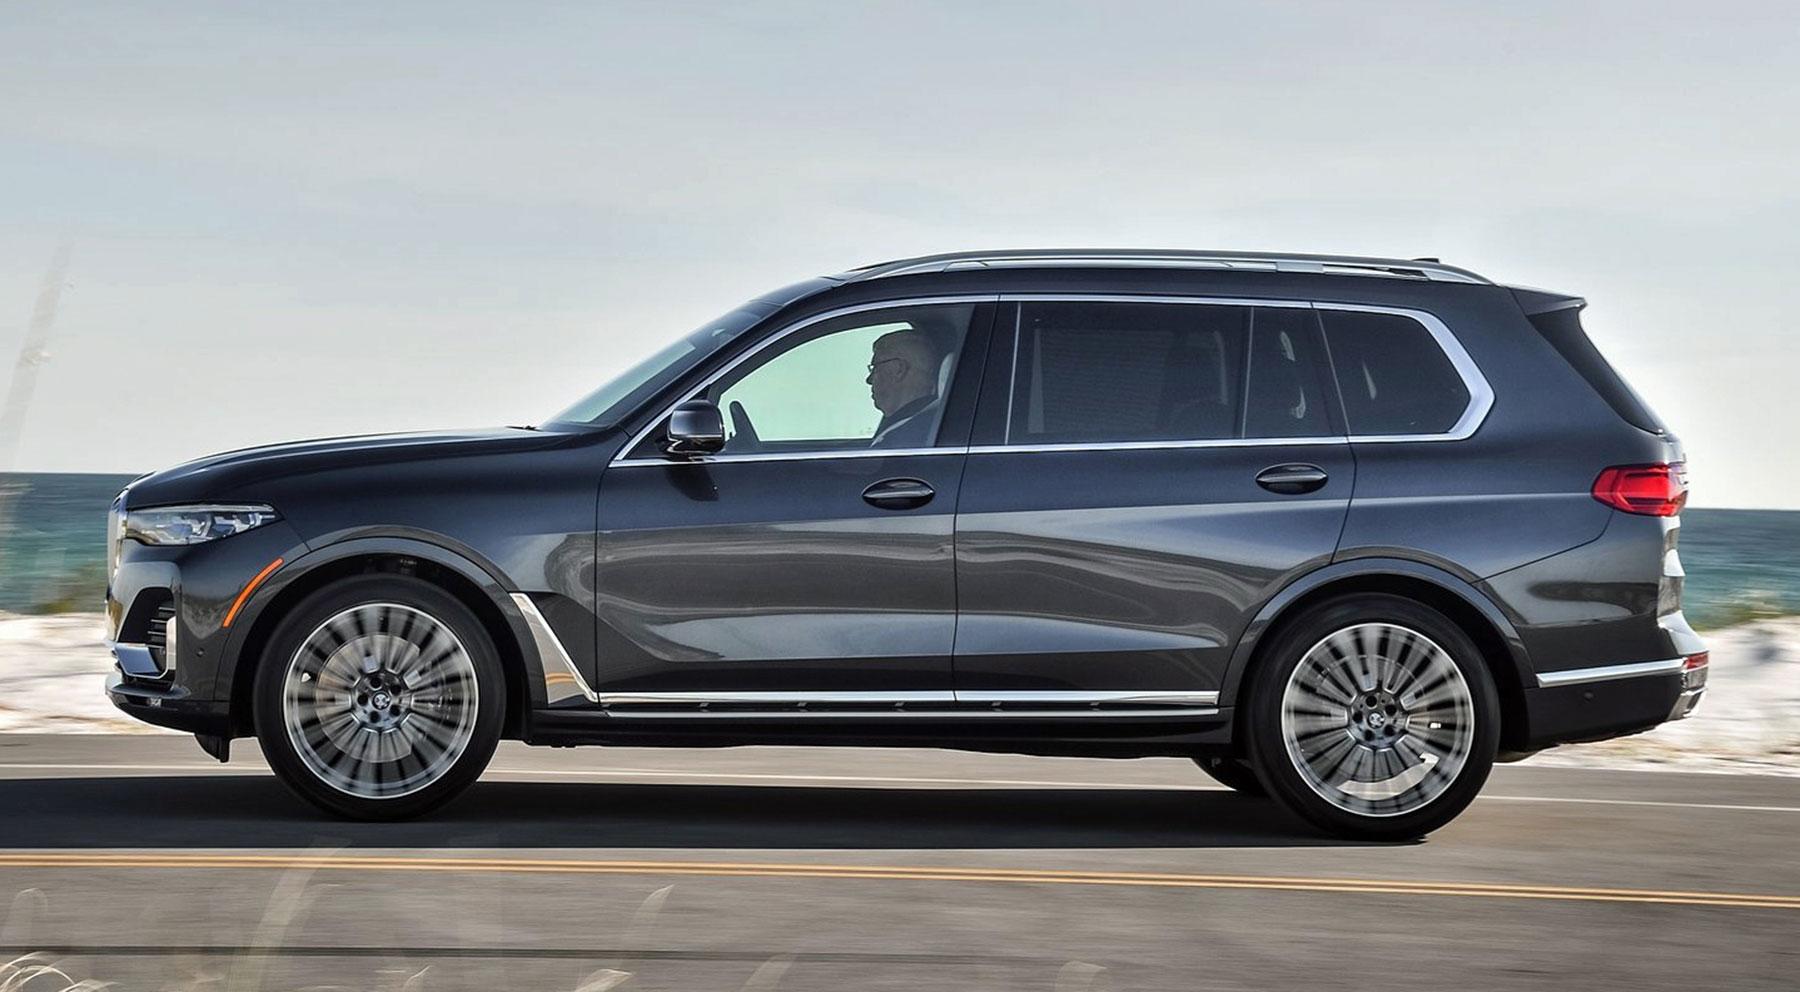 El imponente aspecto del BMW X7